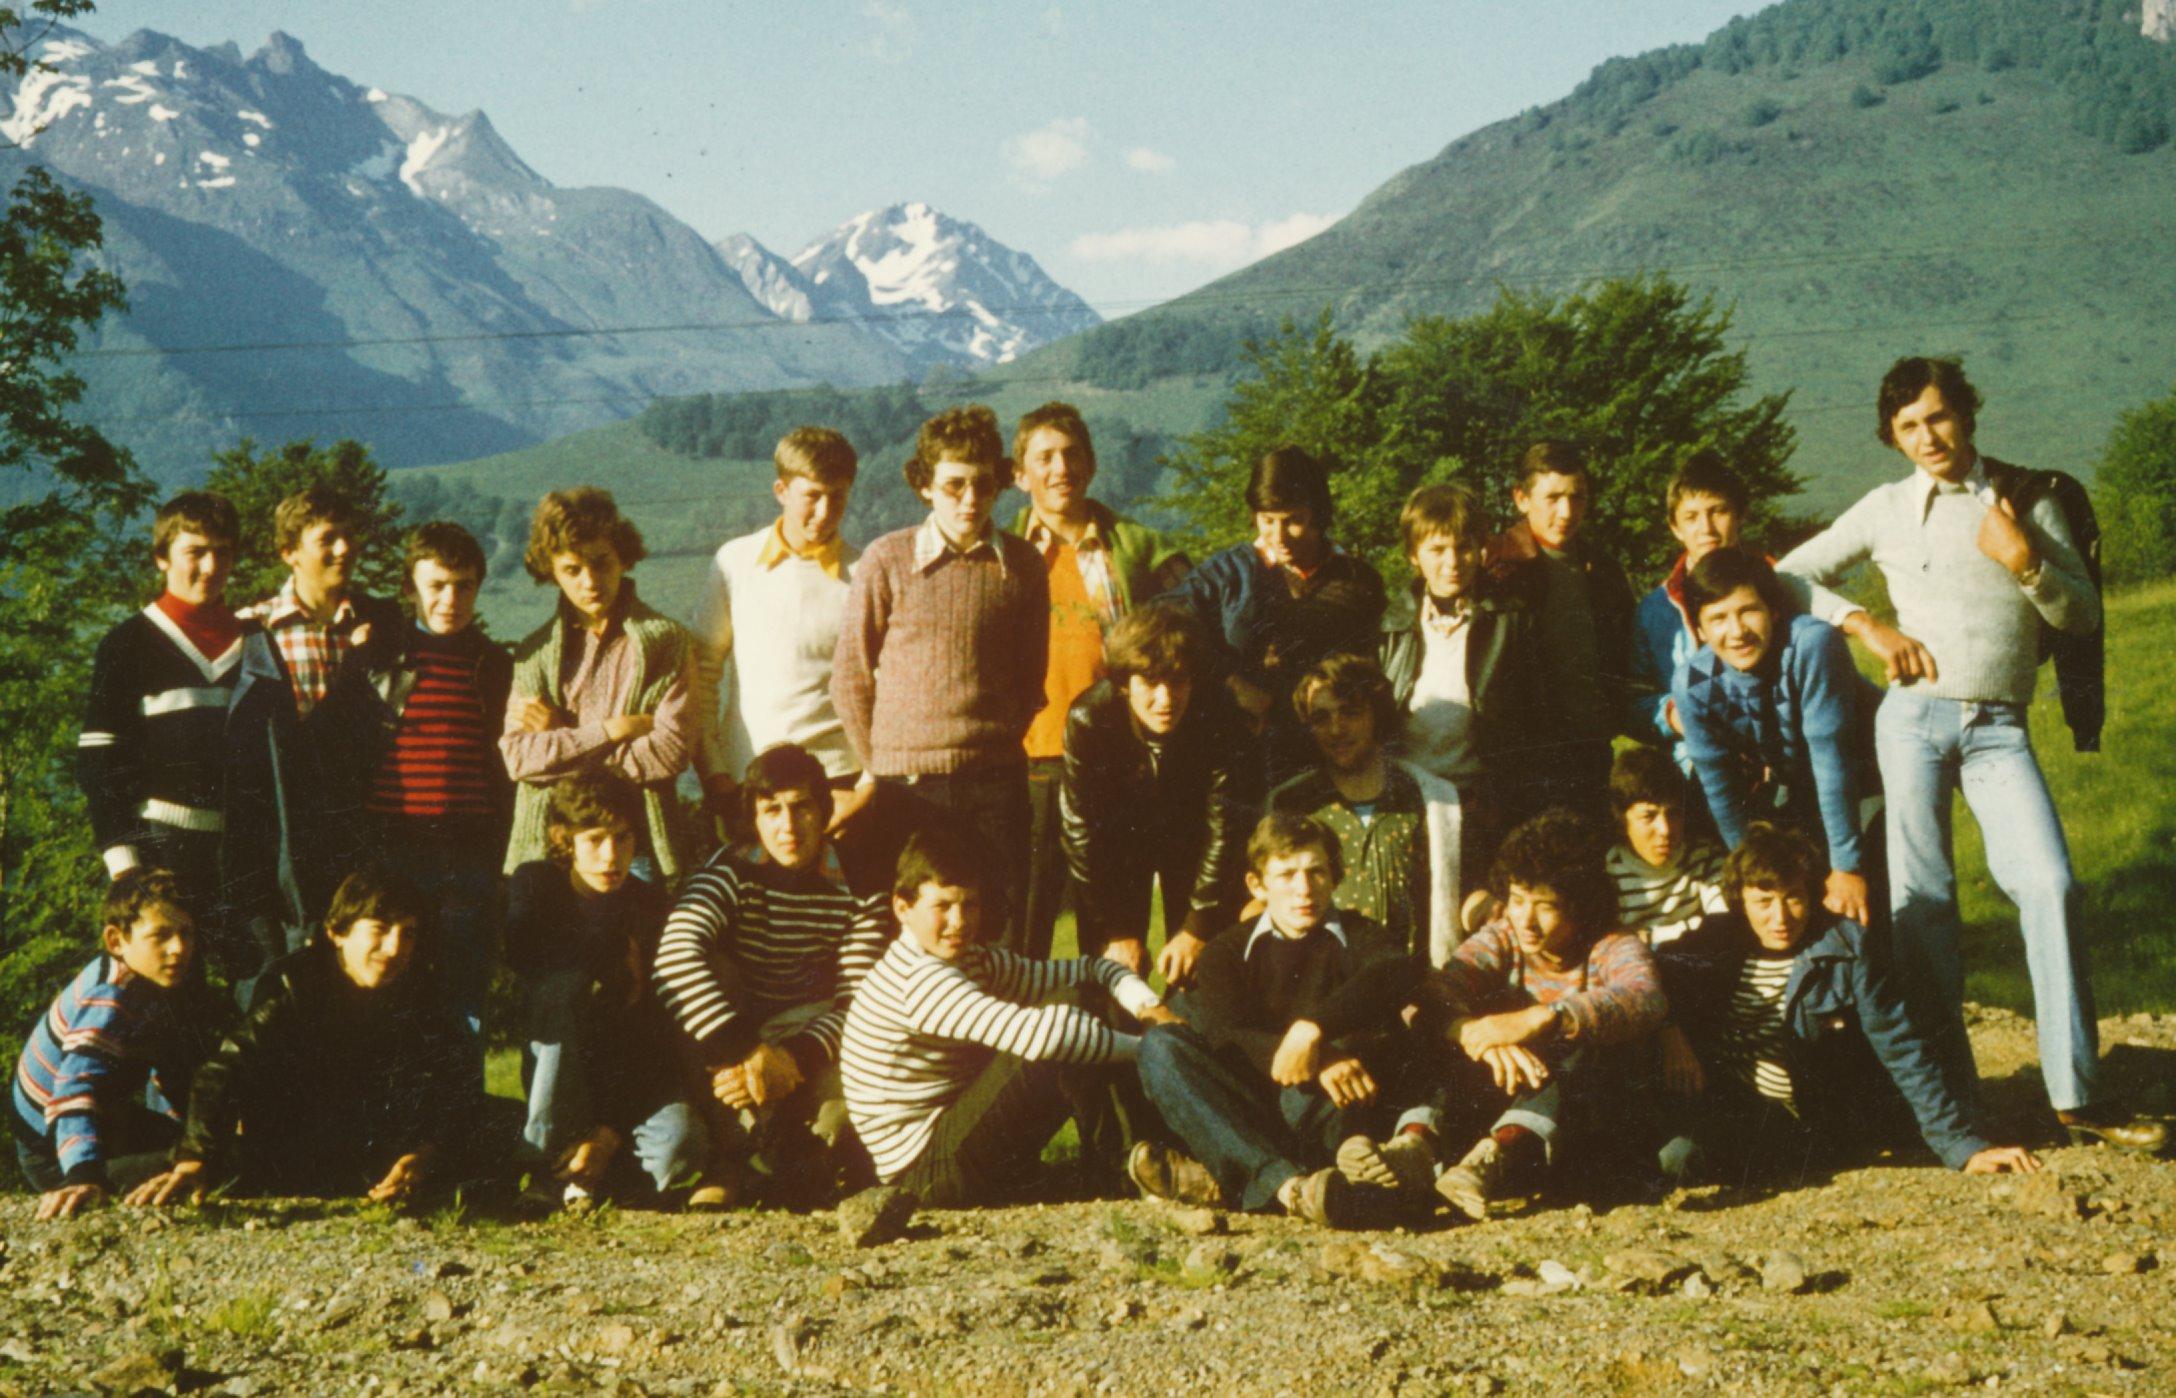 Archives anciens élèves mfr puy-sec 1975 (1)